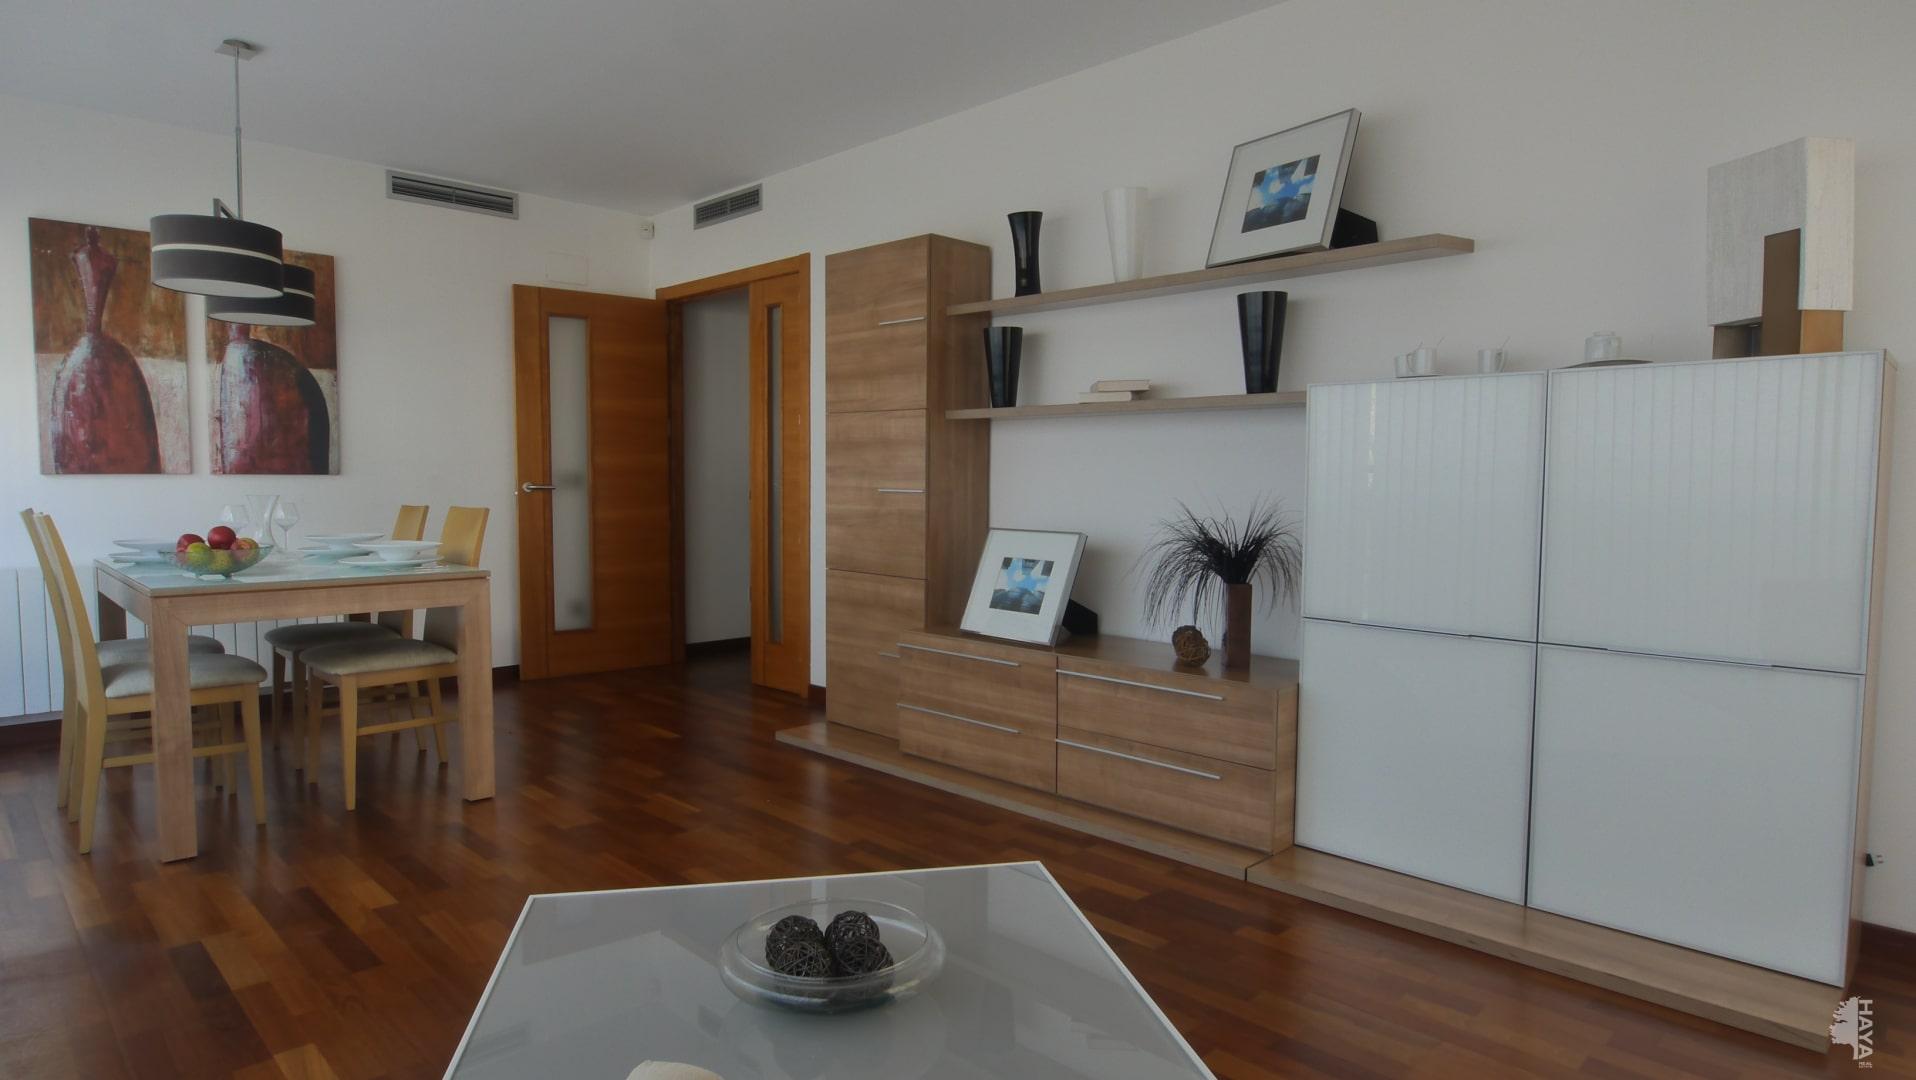 Piso en venta en Castellón de la Plana/castelló de la Plana, Castellón, Calle Lucena, Sn, 102.000 €, 1 baño, 52 m2